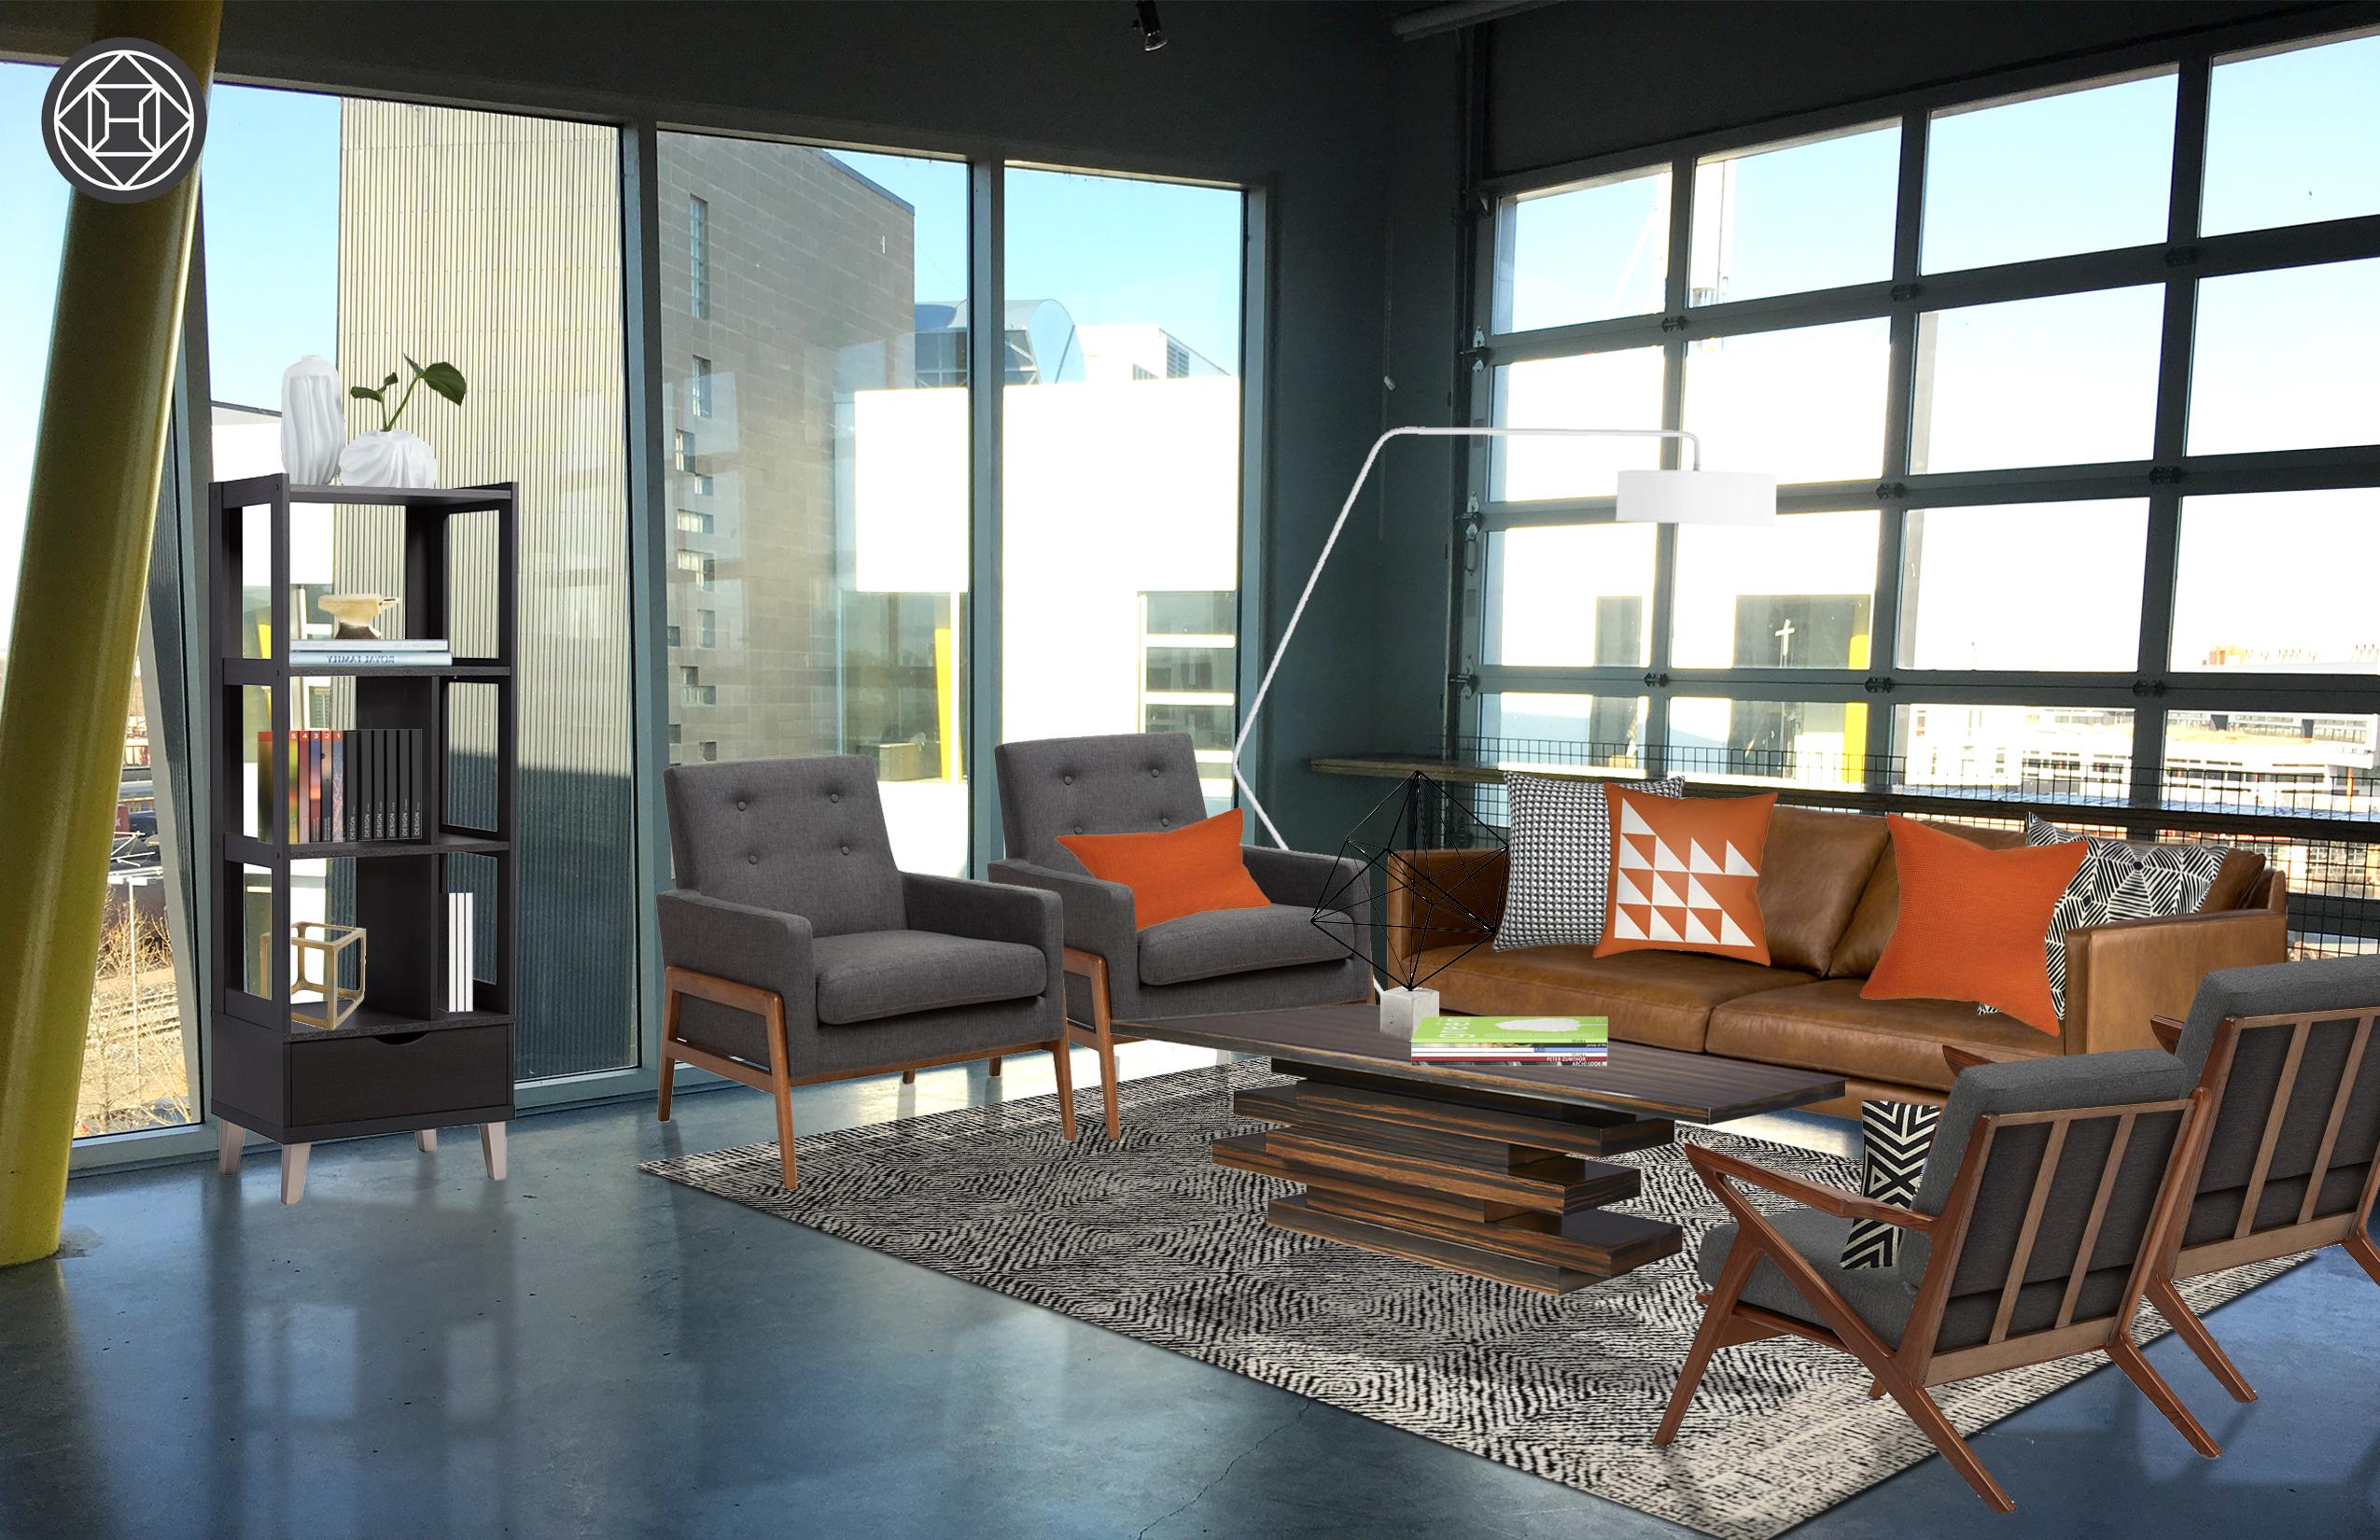 ef69b2609c57 Living Room - Final Design